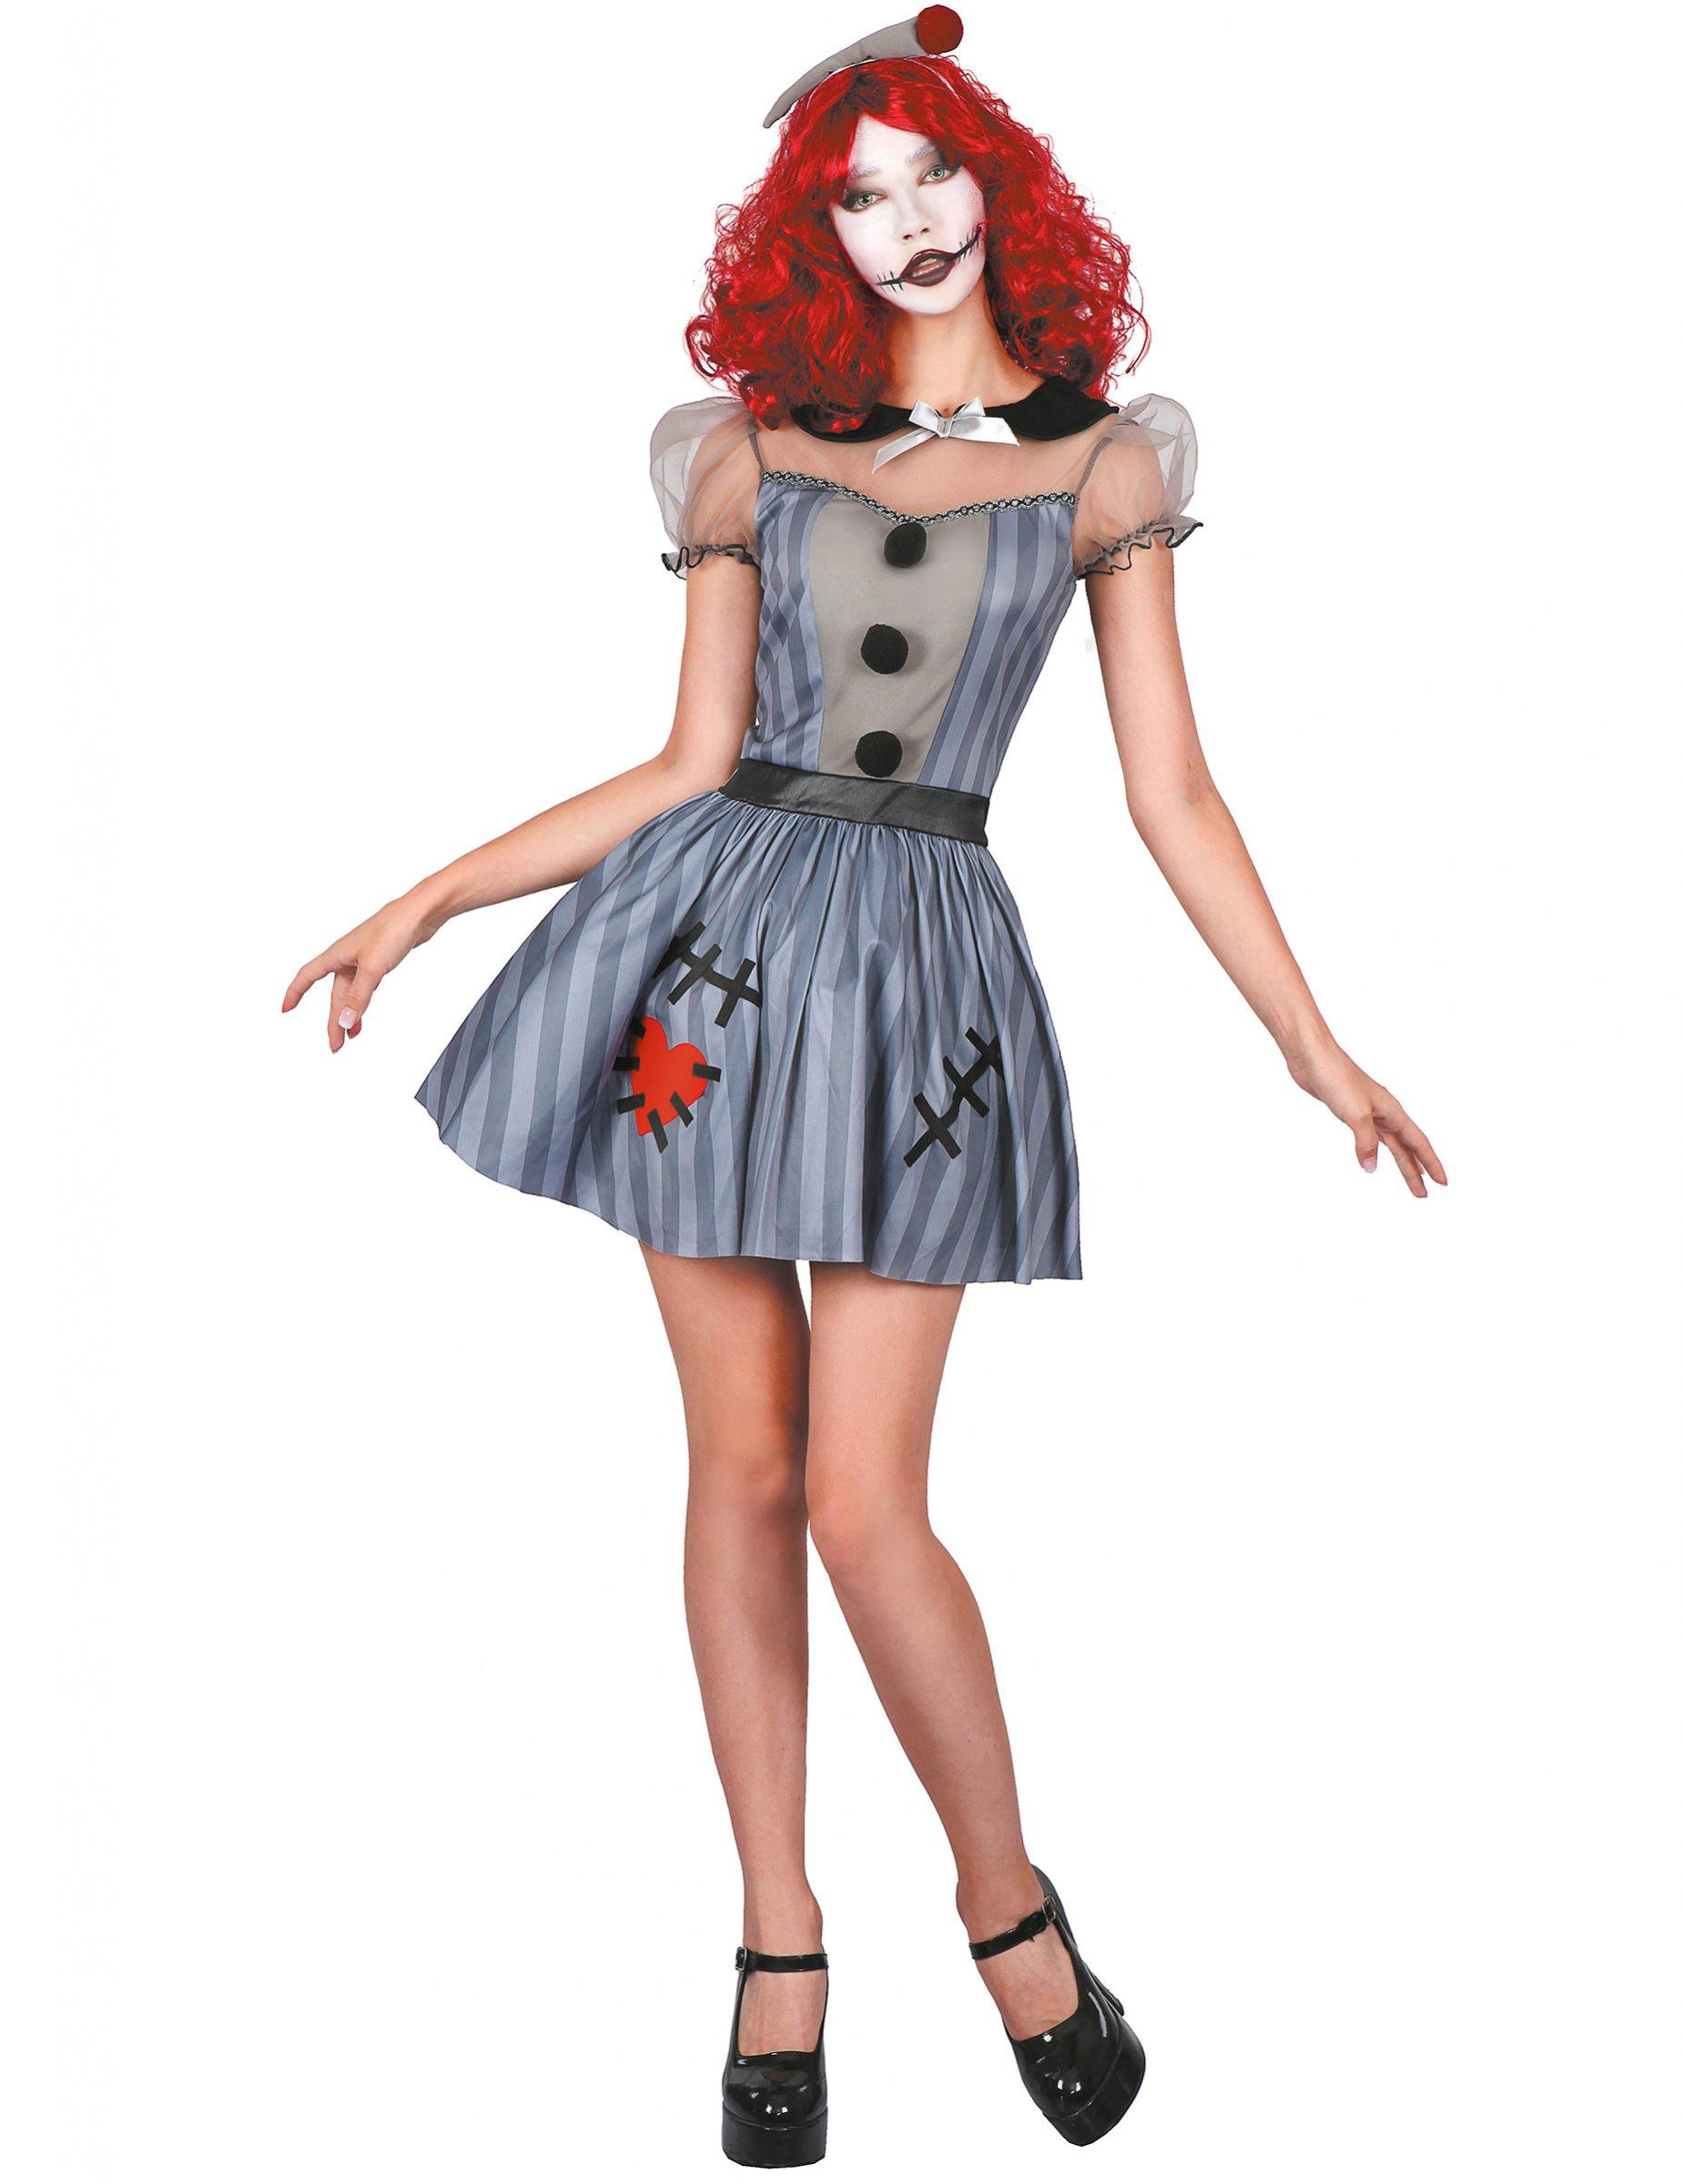 Horror-Puppe Damenkostüm für Halloween grau-schwarz-rot - M 288853